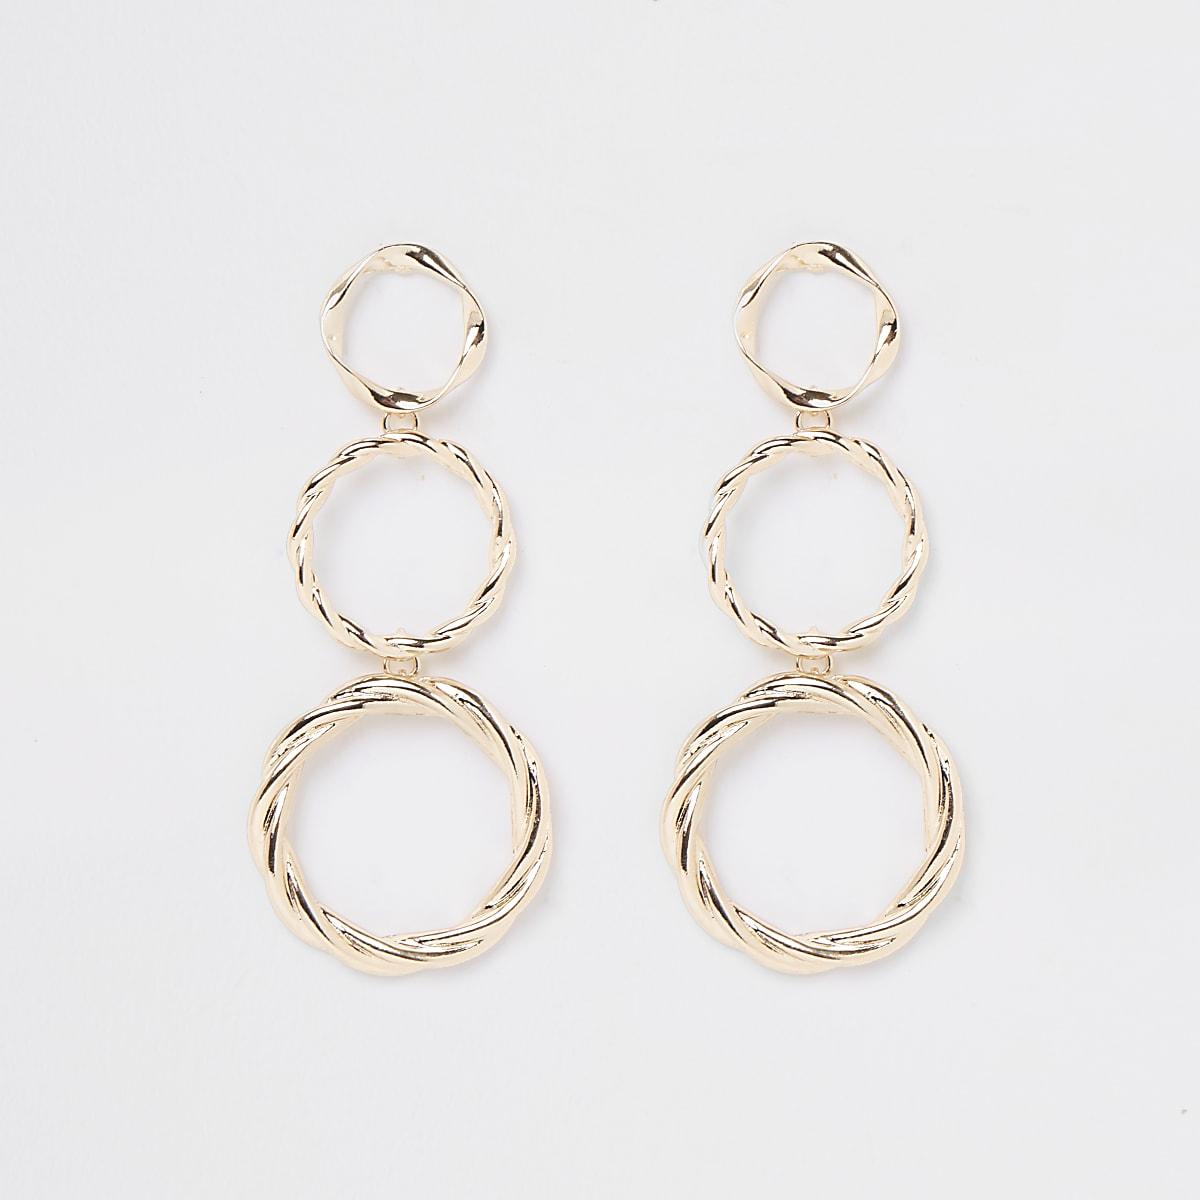 Gold color triple drop hoop earrings